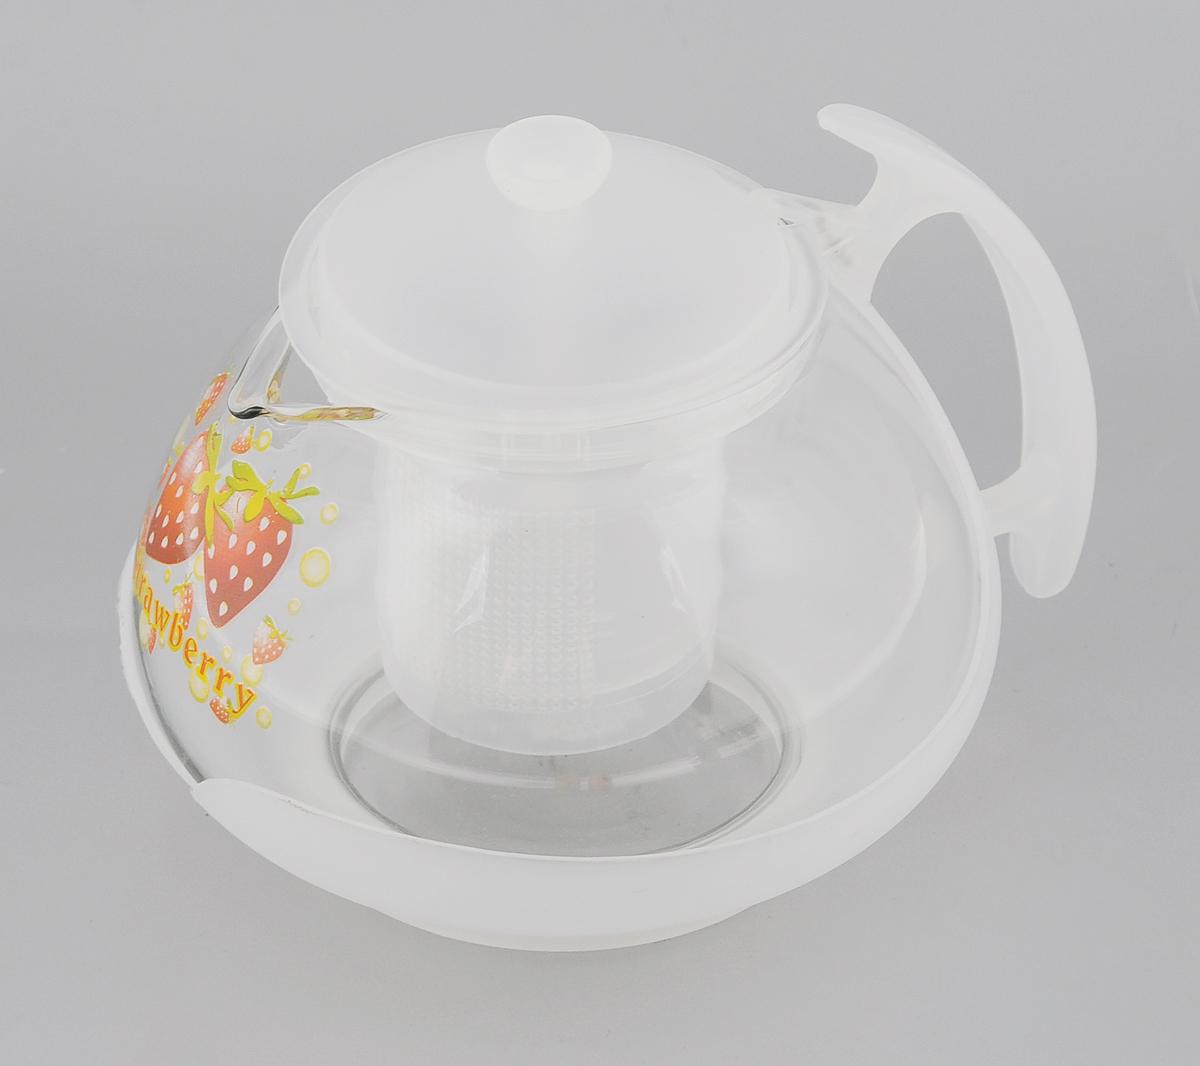 Чайник заварочный Mayer & Boch, с фильтром, цвет: прозрачный, белый, 700 мл. 20222022Заварочный чайник Mayer & Boch изготовлен из жаропрочного стекла и полипропилена. Изделие оснащено сетчатым фильтром из пищевого полипропилена (пластика), который задерживает чаинки и предотвращает их попадание в чашку, а прозрачные стенки дадут возможность наблюдать за насыщением напитка. Чай в таком чайнике дольше остается горячим, а полезные и ароматические вещества полностью сохраняются в напитке. Диаметр чайника (по верхнему краю): 8 см. Высота чайника (без учета крышки): 9,5 см. Высота фильтра: 6,5 см.